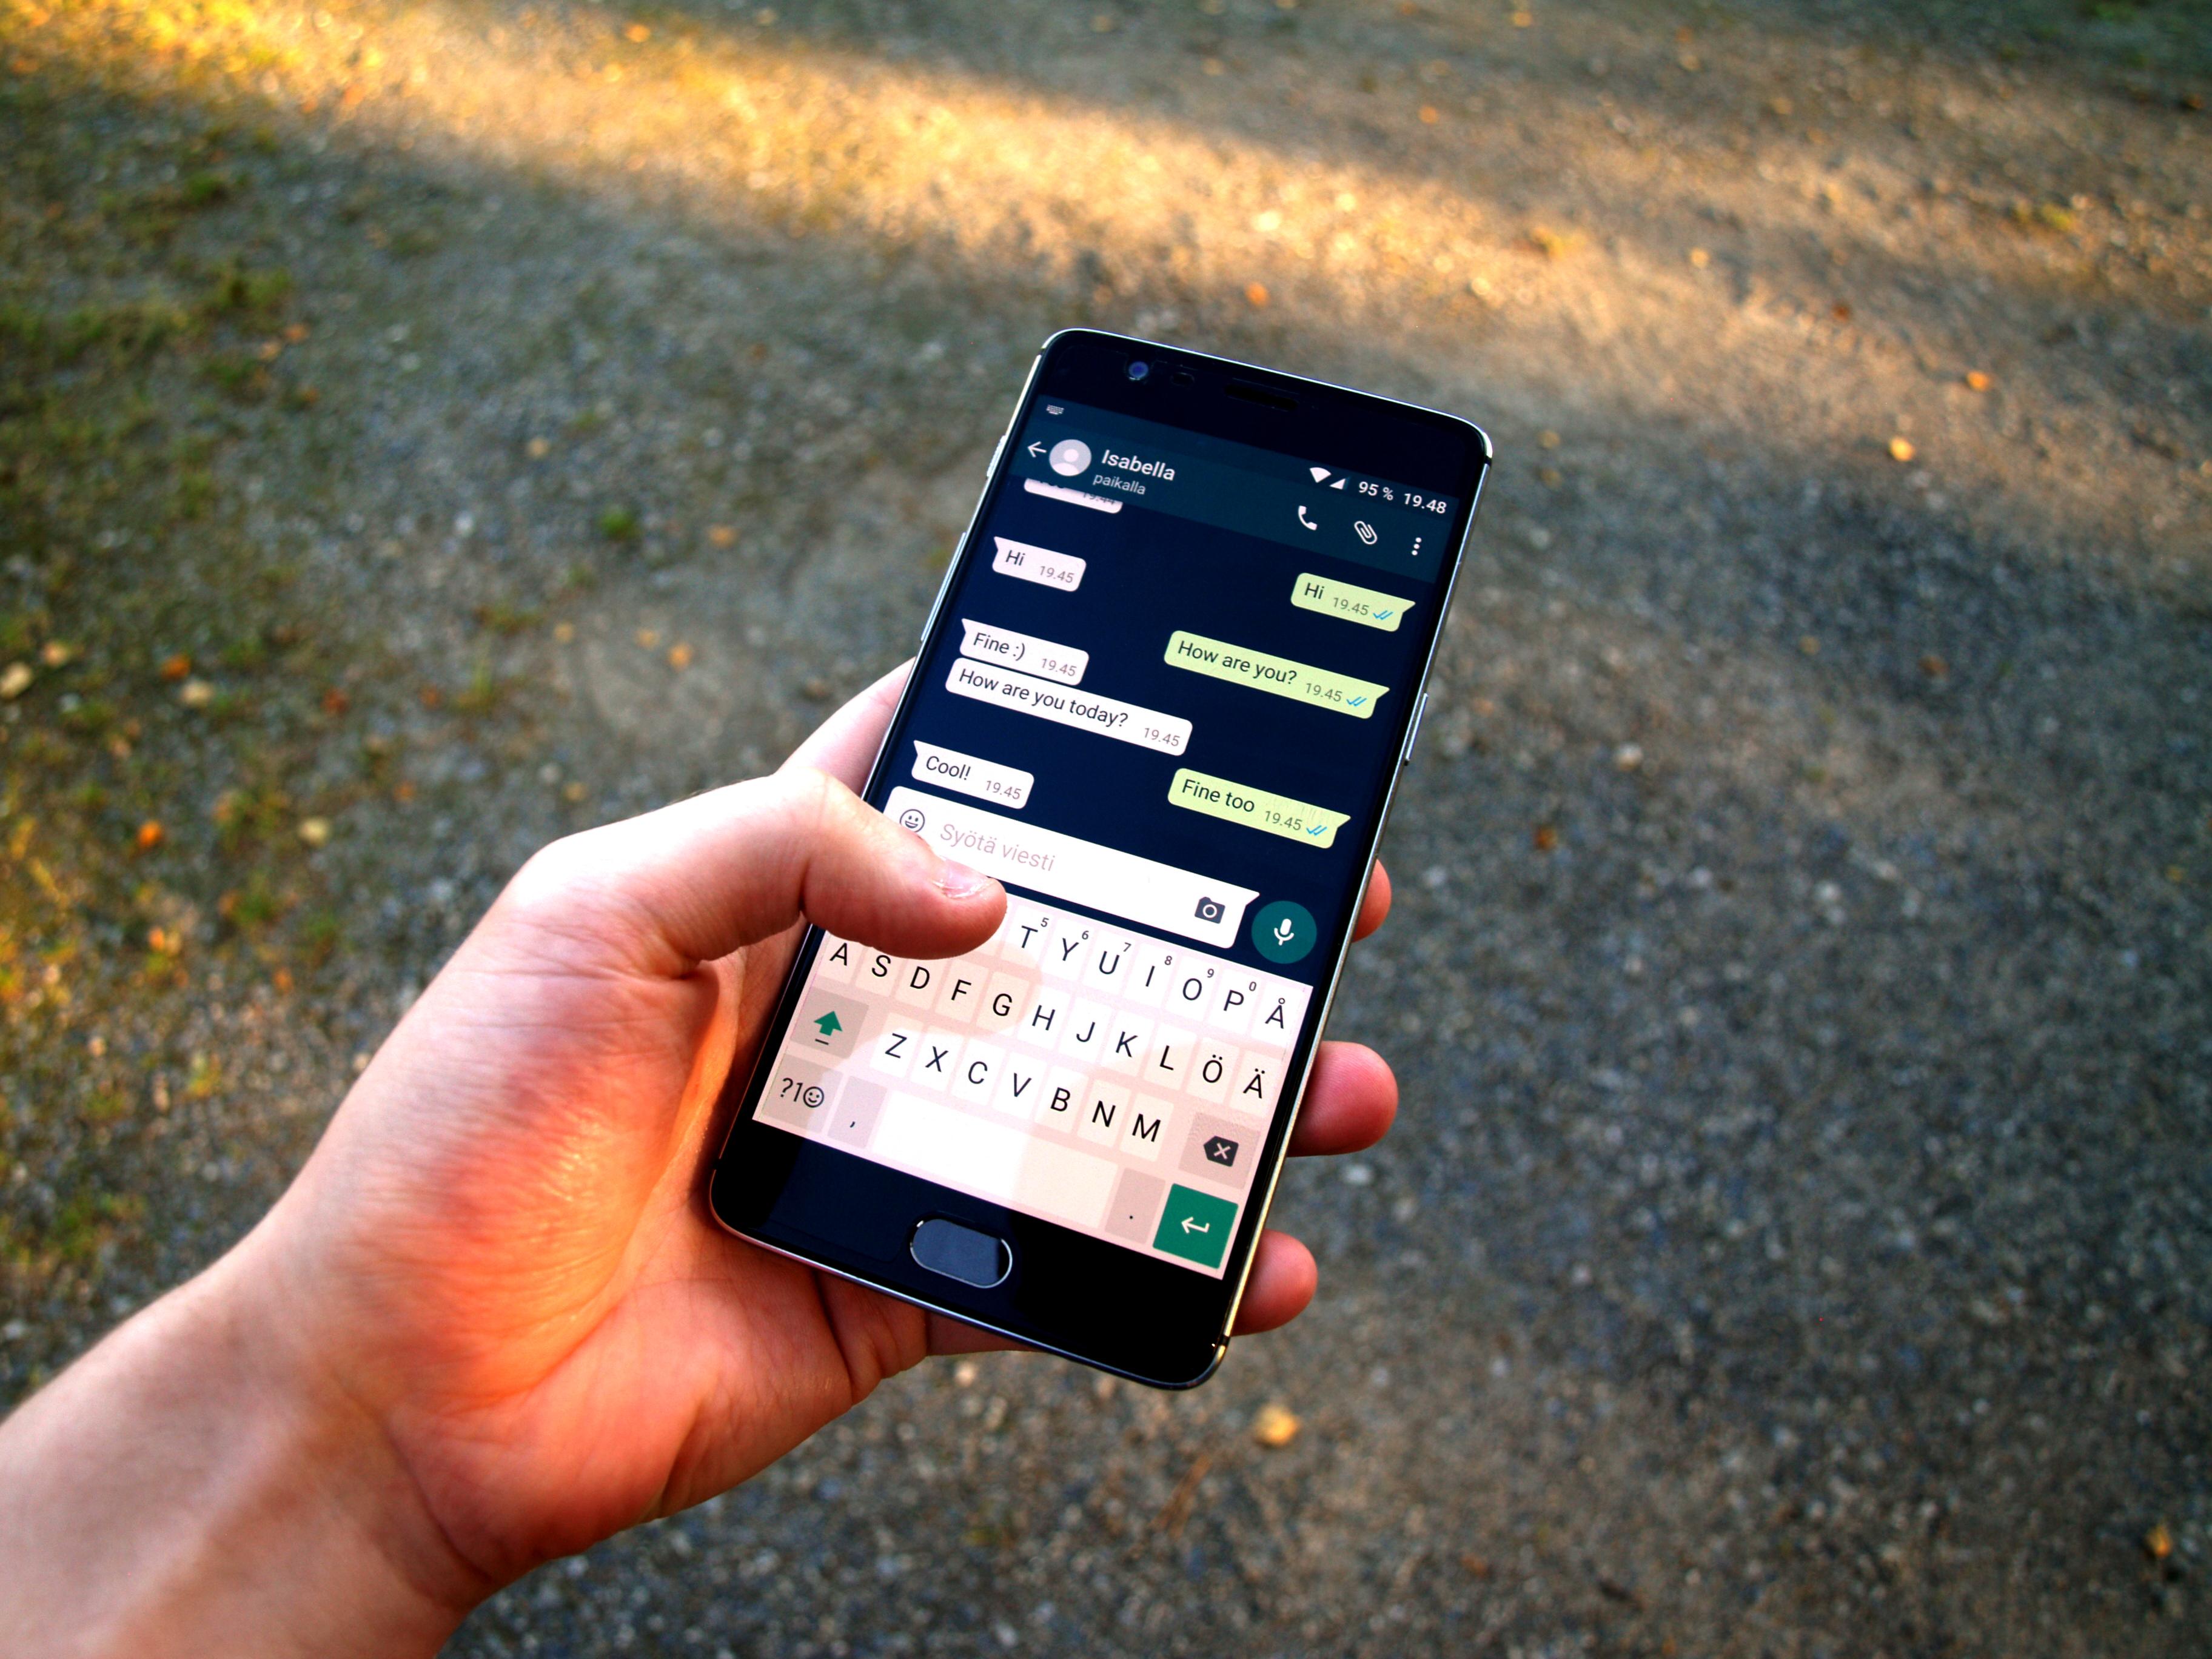 Come scaricare WhatsApp in un telefono cellulare cinese senza Play Store? 2